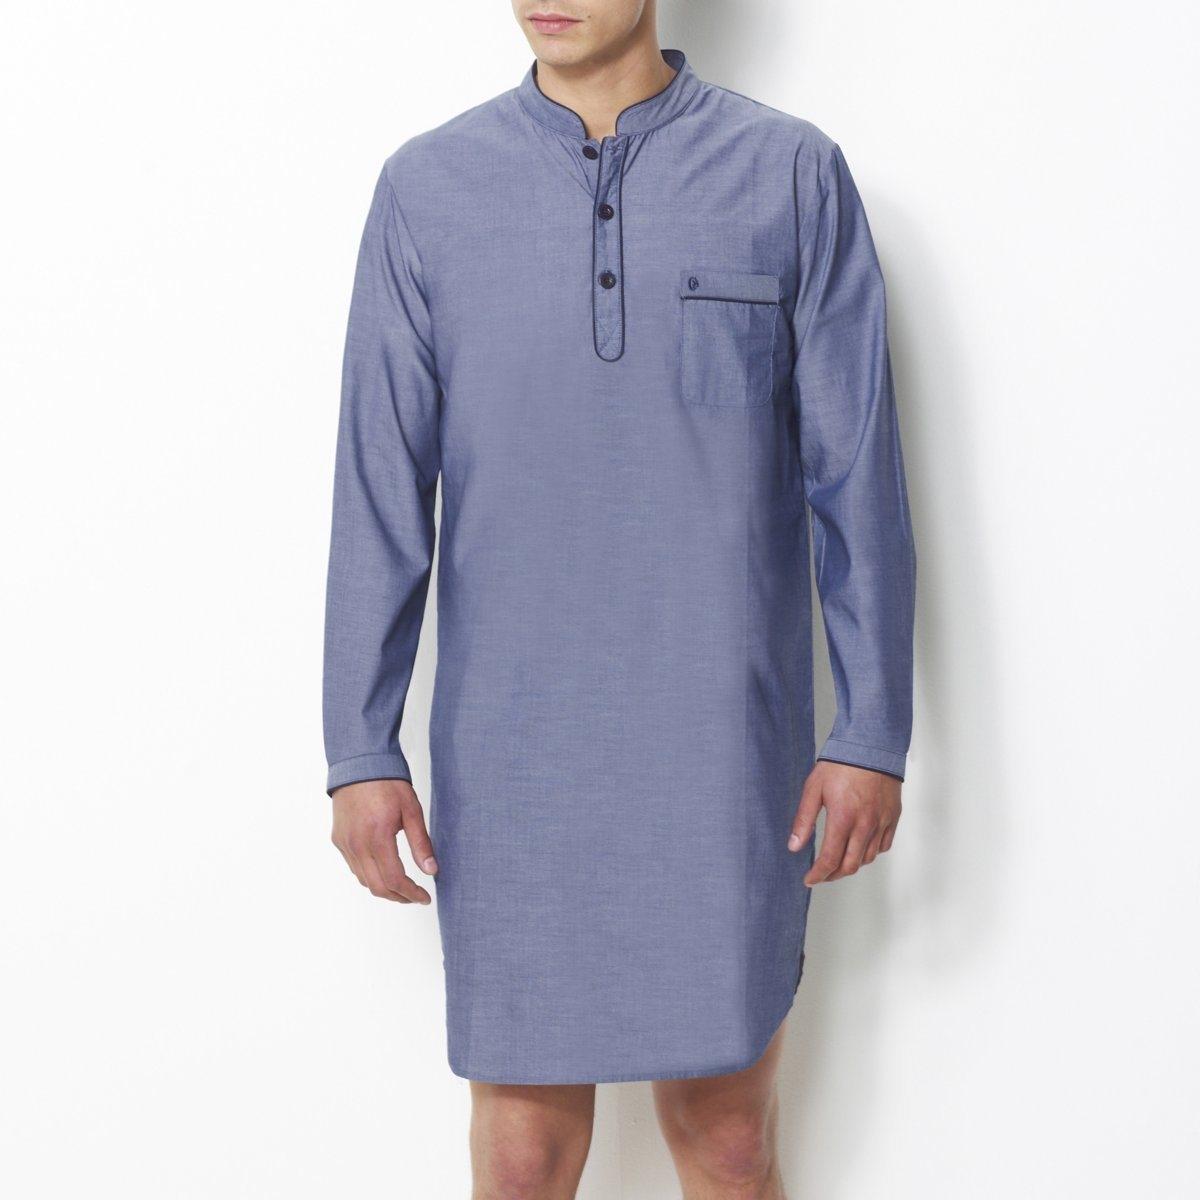 Пижама-рубашкаПоплин в полоску, 100% хлопка. Длинные рукава. Воротник-стойка с застежкой на 3 пуговицы. 1 нагрудный карман с вышивкой. Длина 100 см.<br><br>Цвет: шамбрэ<br>Размер: M